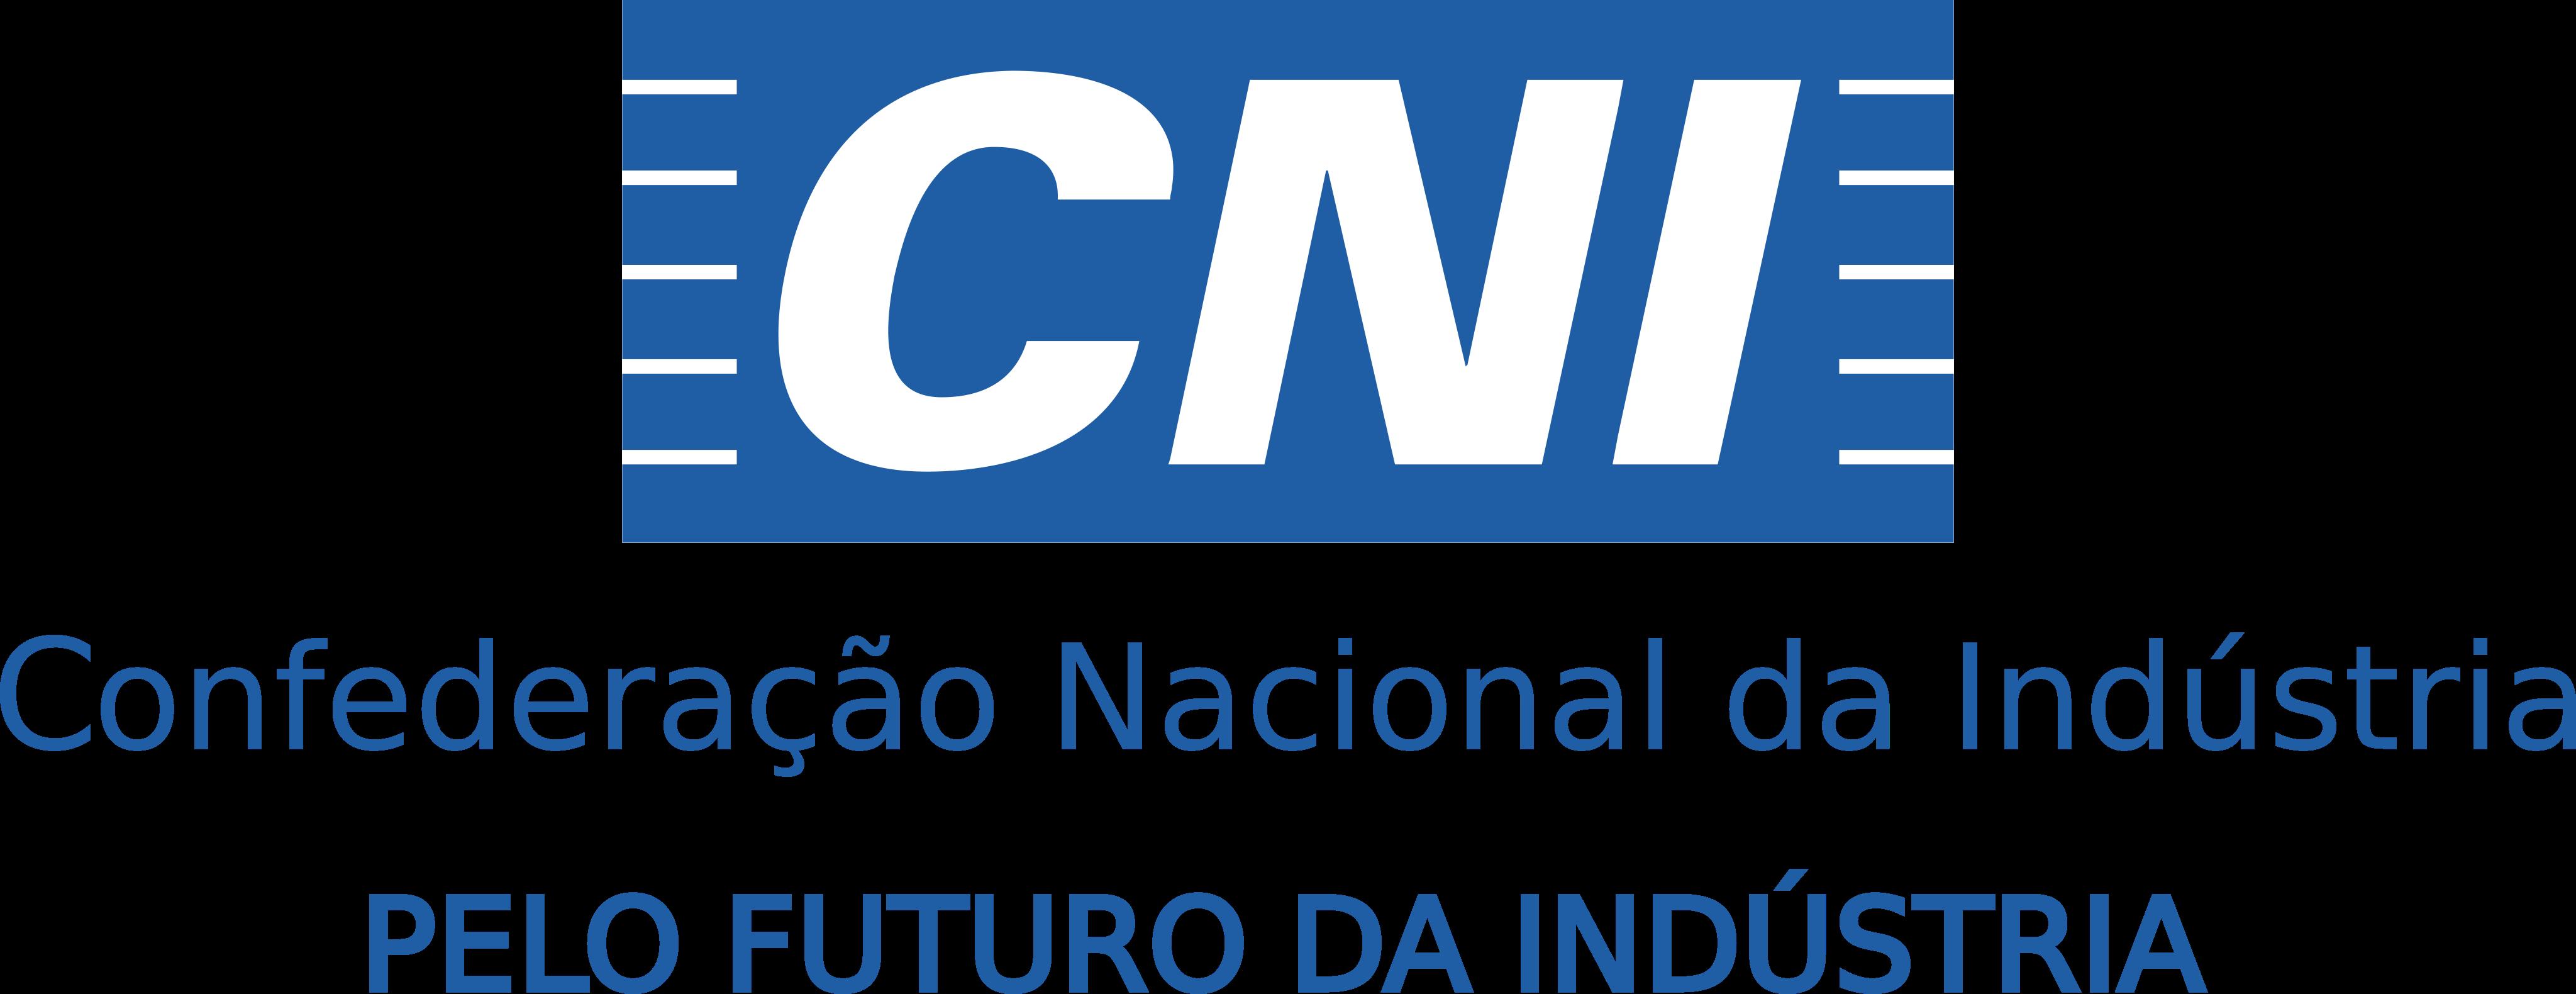 cni logo - CNI Logo - Confederação Nacional da Indústria